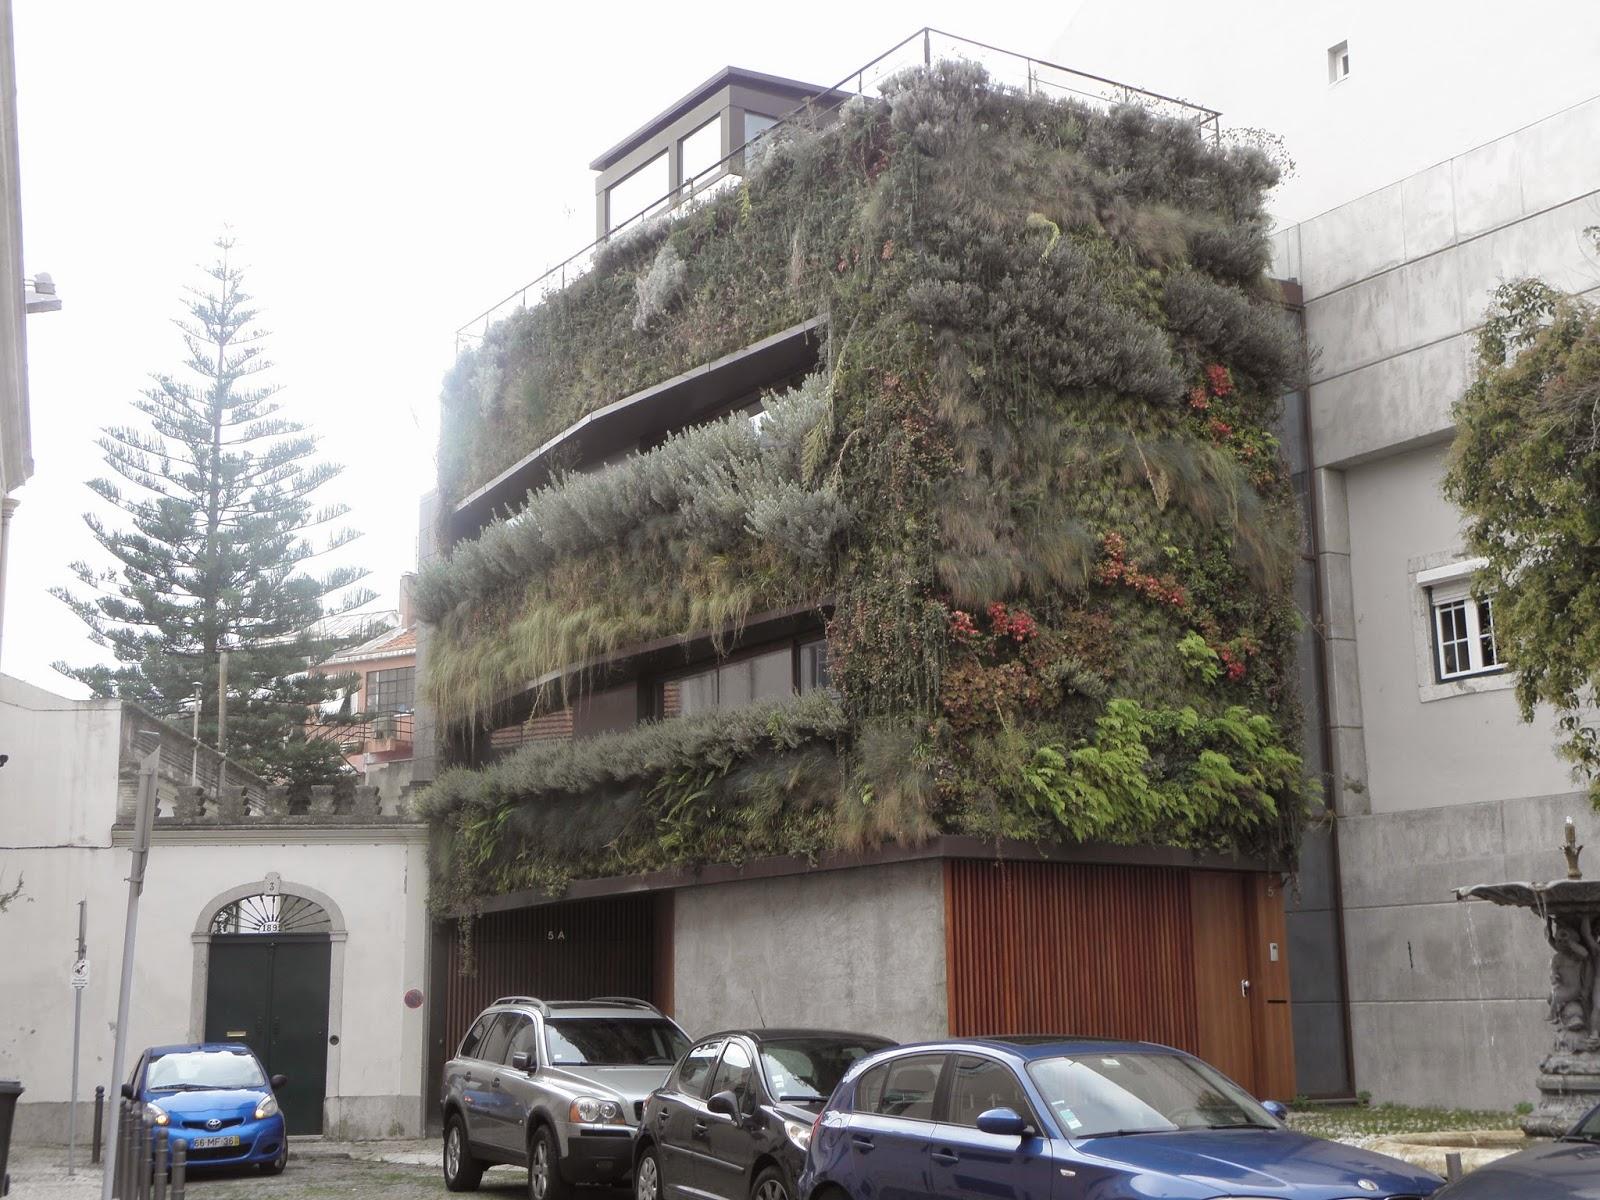 Háem Lisboa um jardim suspenso e vertical é um jardim que sobe ou